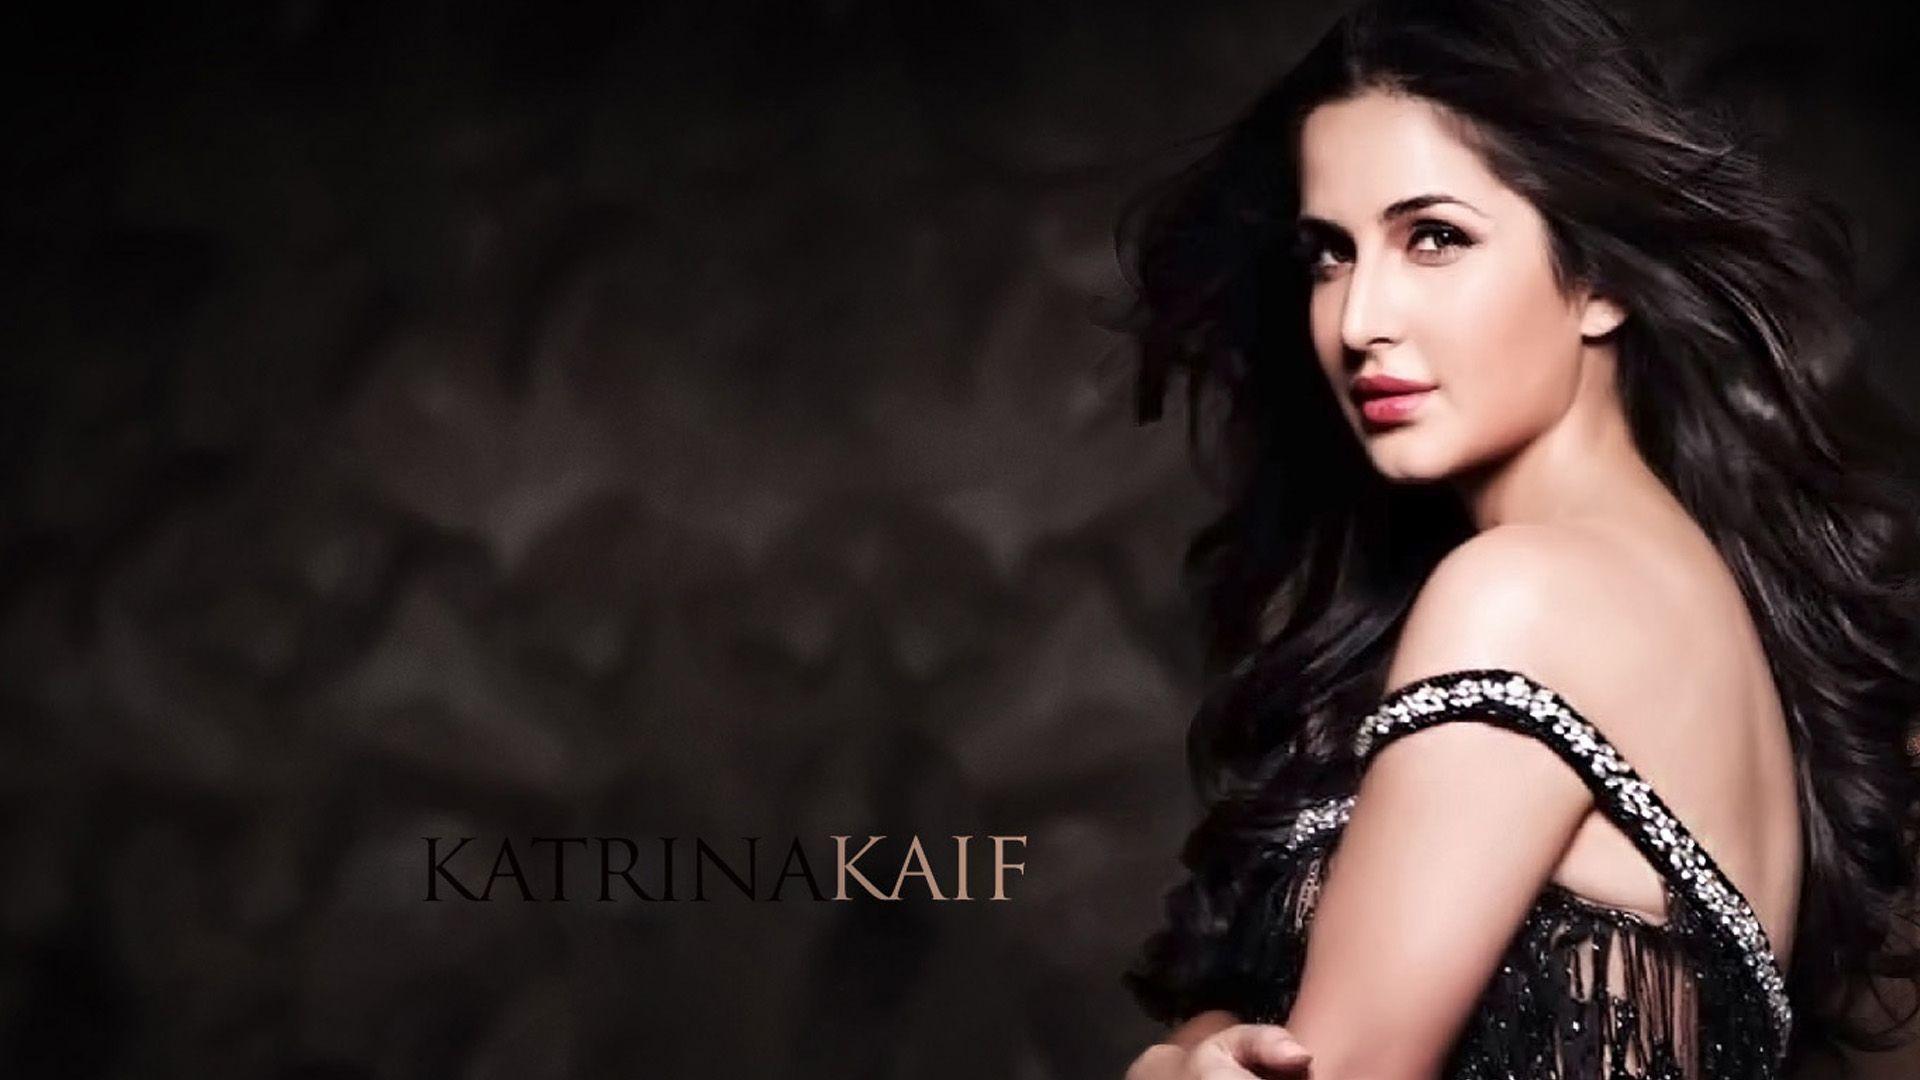 Katrina kaif Hd wallpaper – Top Wallpapers HD